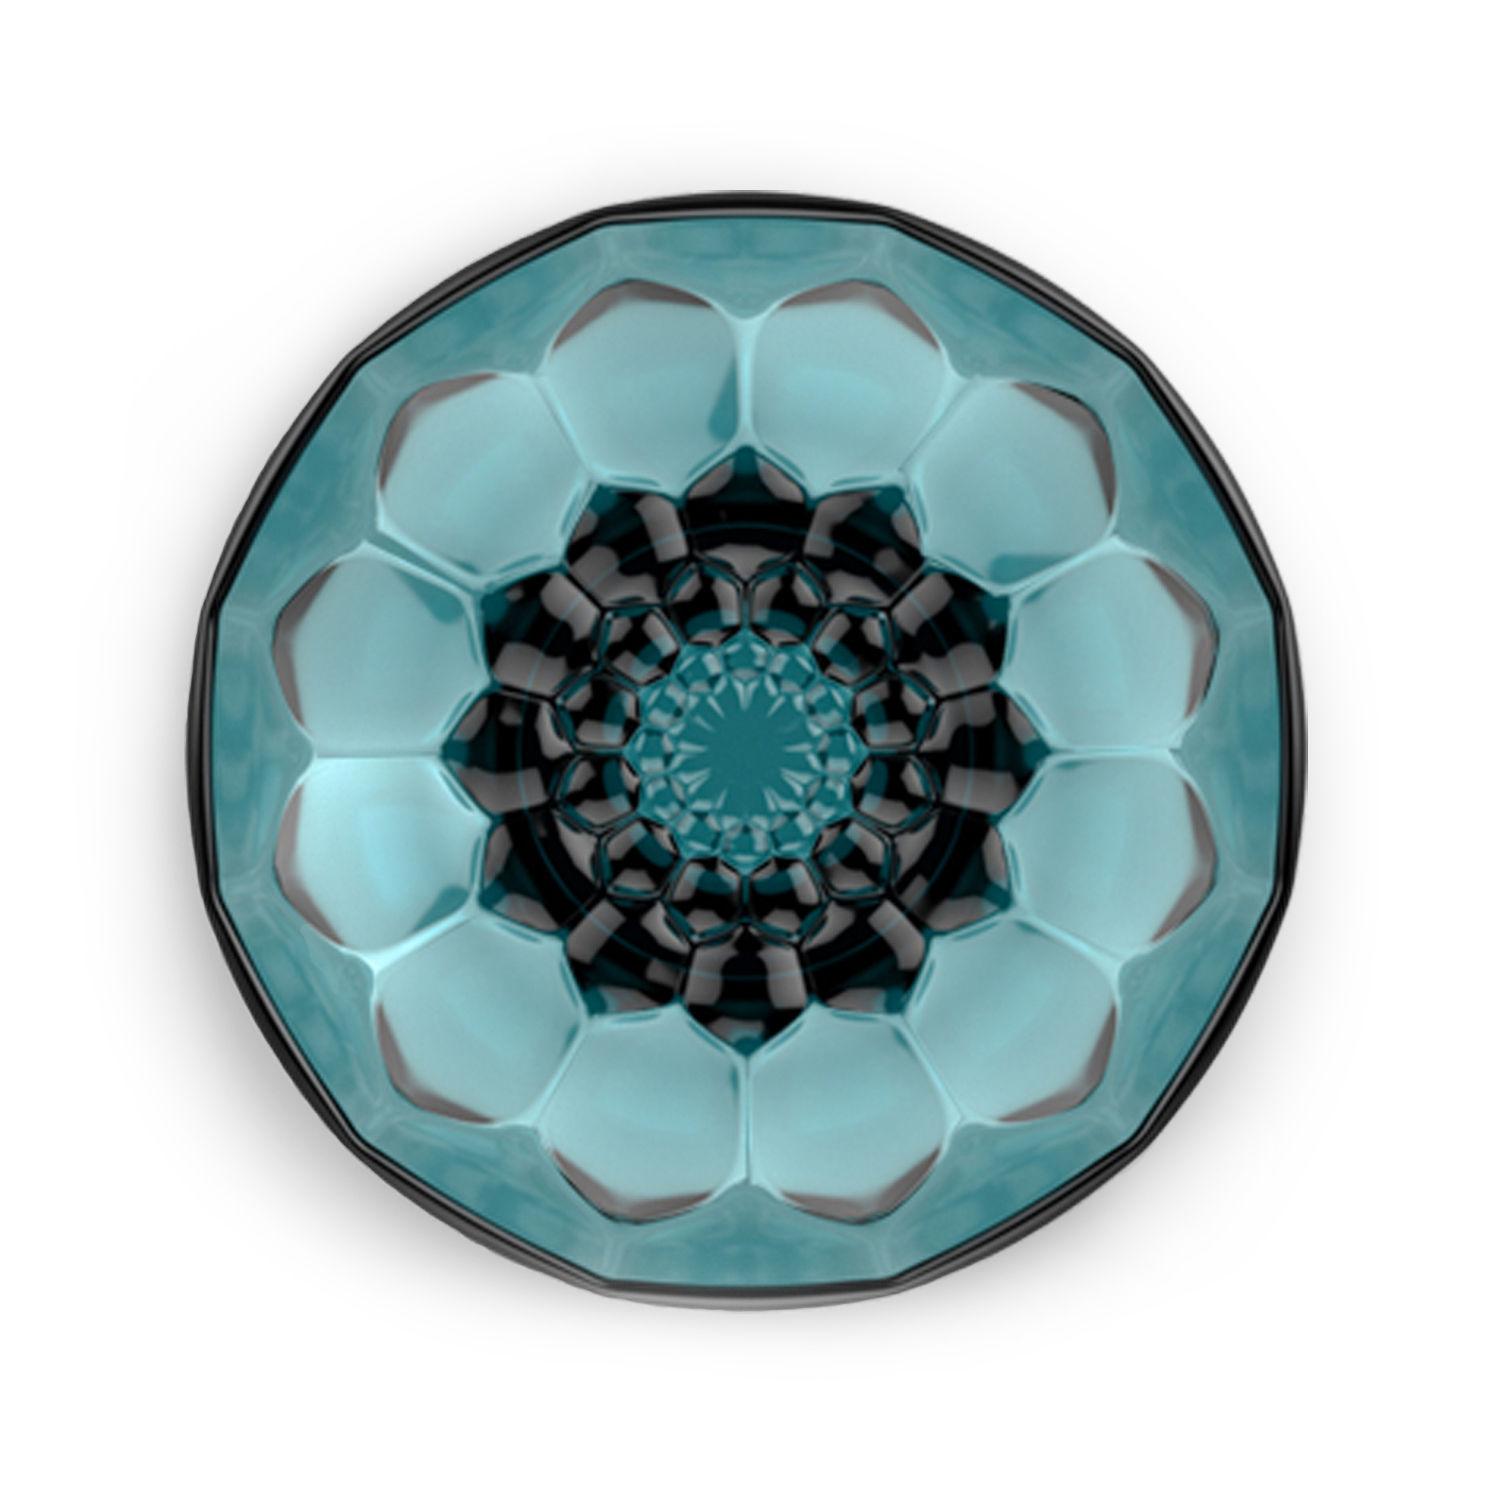 Mobilier - Portemanteaux, patères & portants - Patère Jellies Family M / Ø 13 x H 6 cm - Kartell - Bleu ciel - PMMA